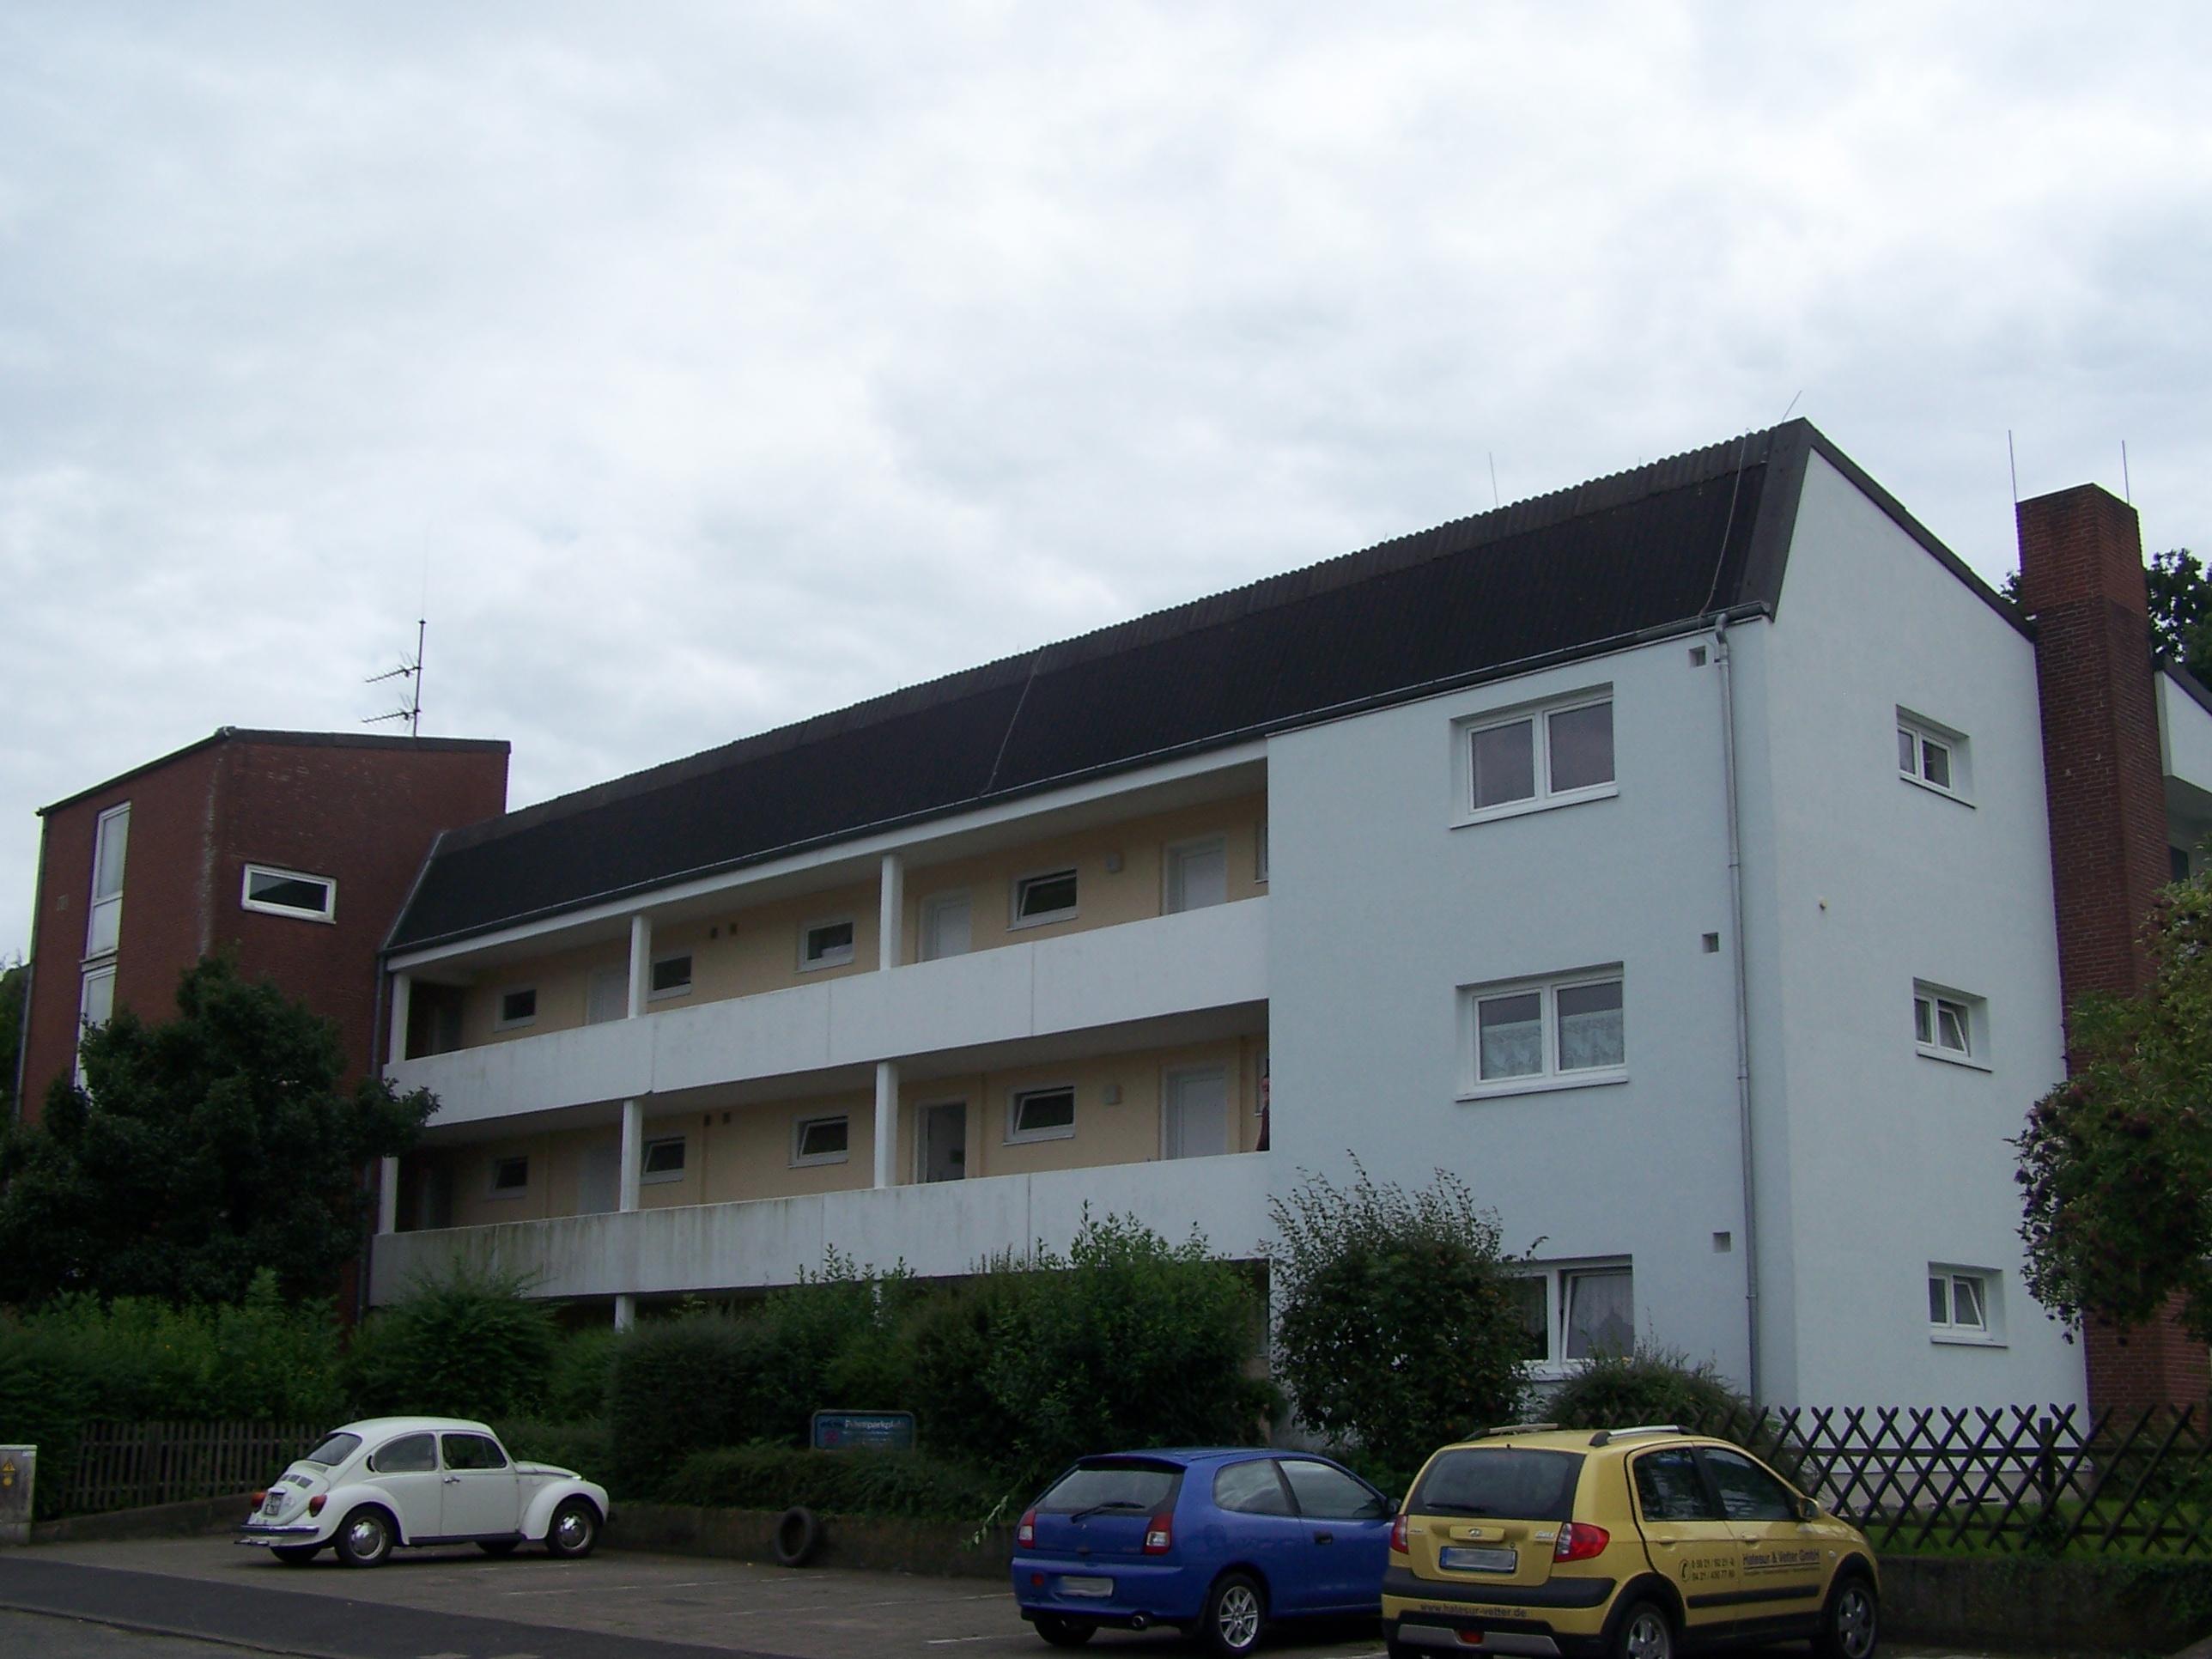 1 zimmer erdgeschosswohnung in der amselstra e 4 in hoya for Suche wohnung zur miete